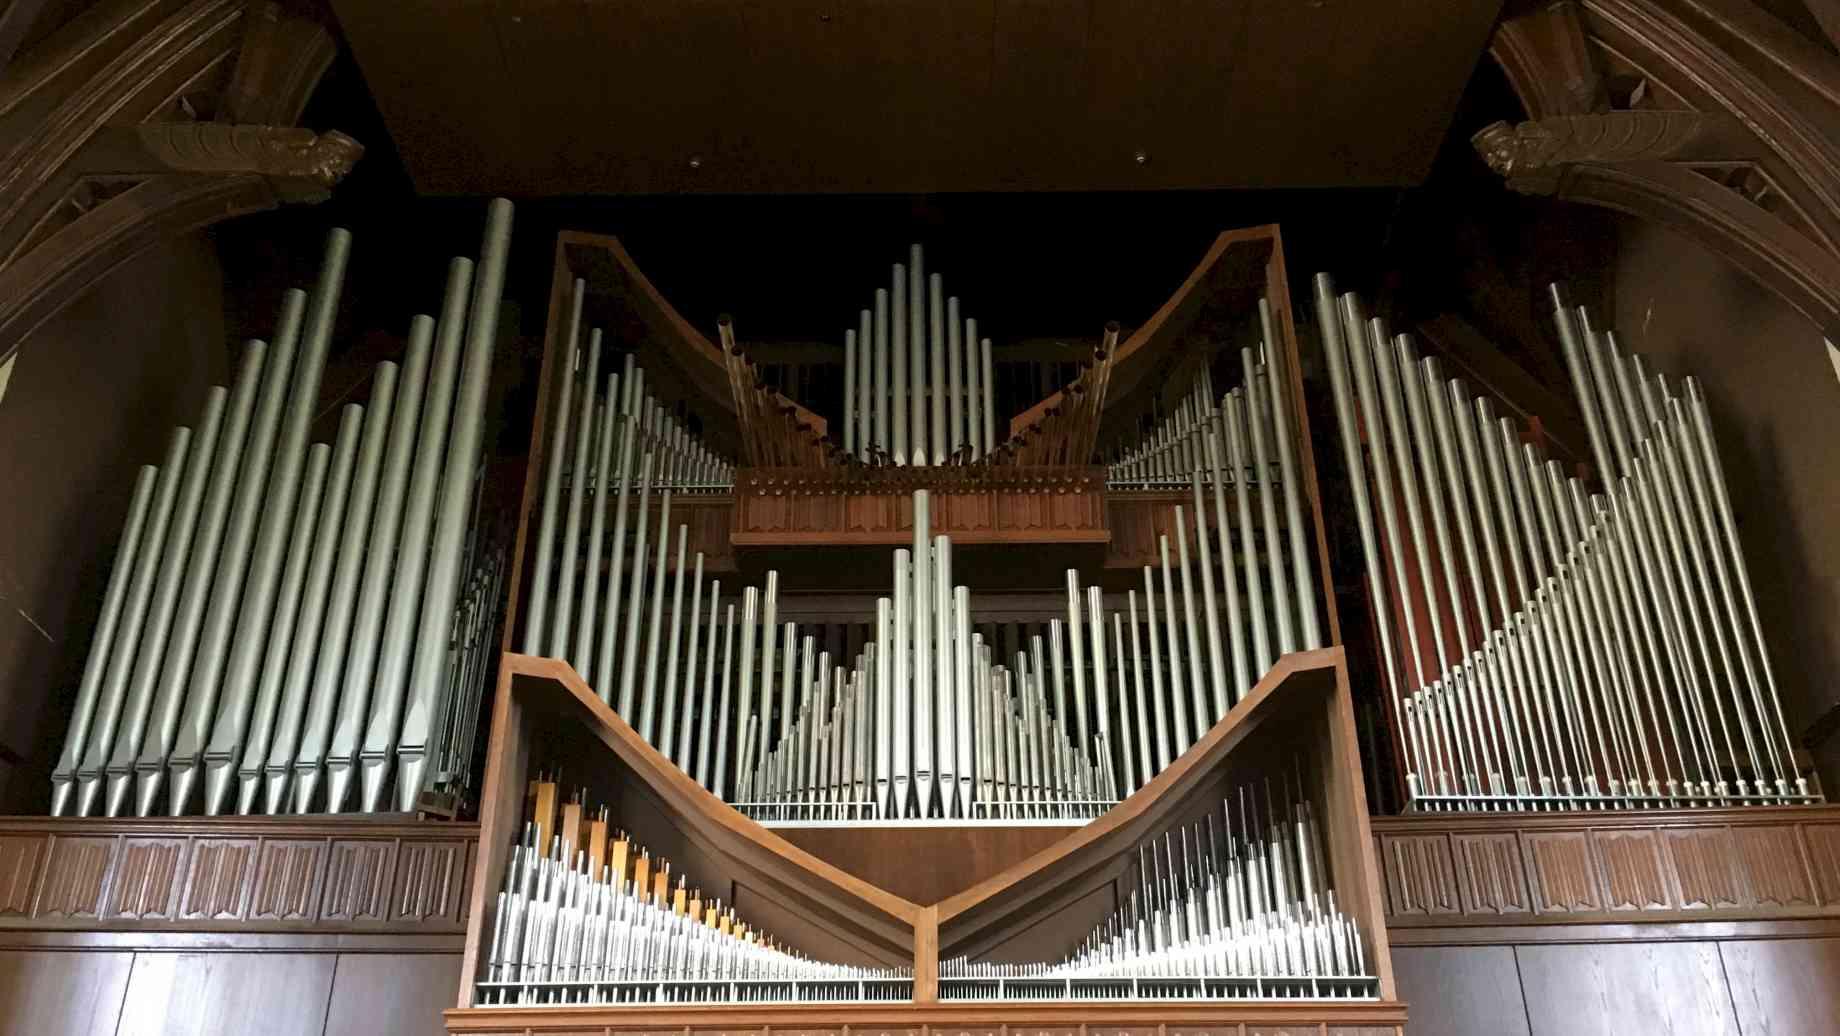 the university auditorium organ